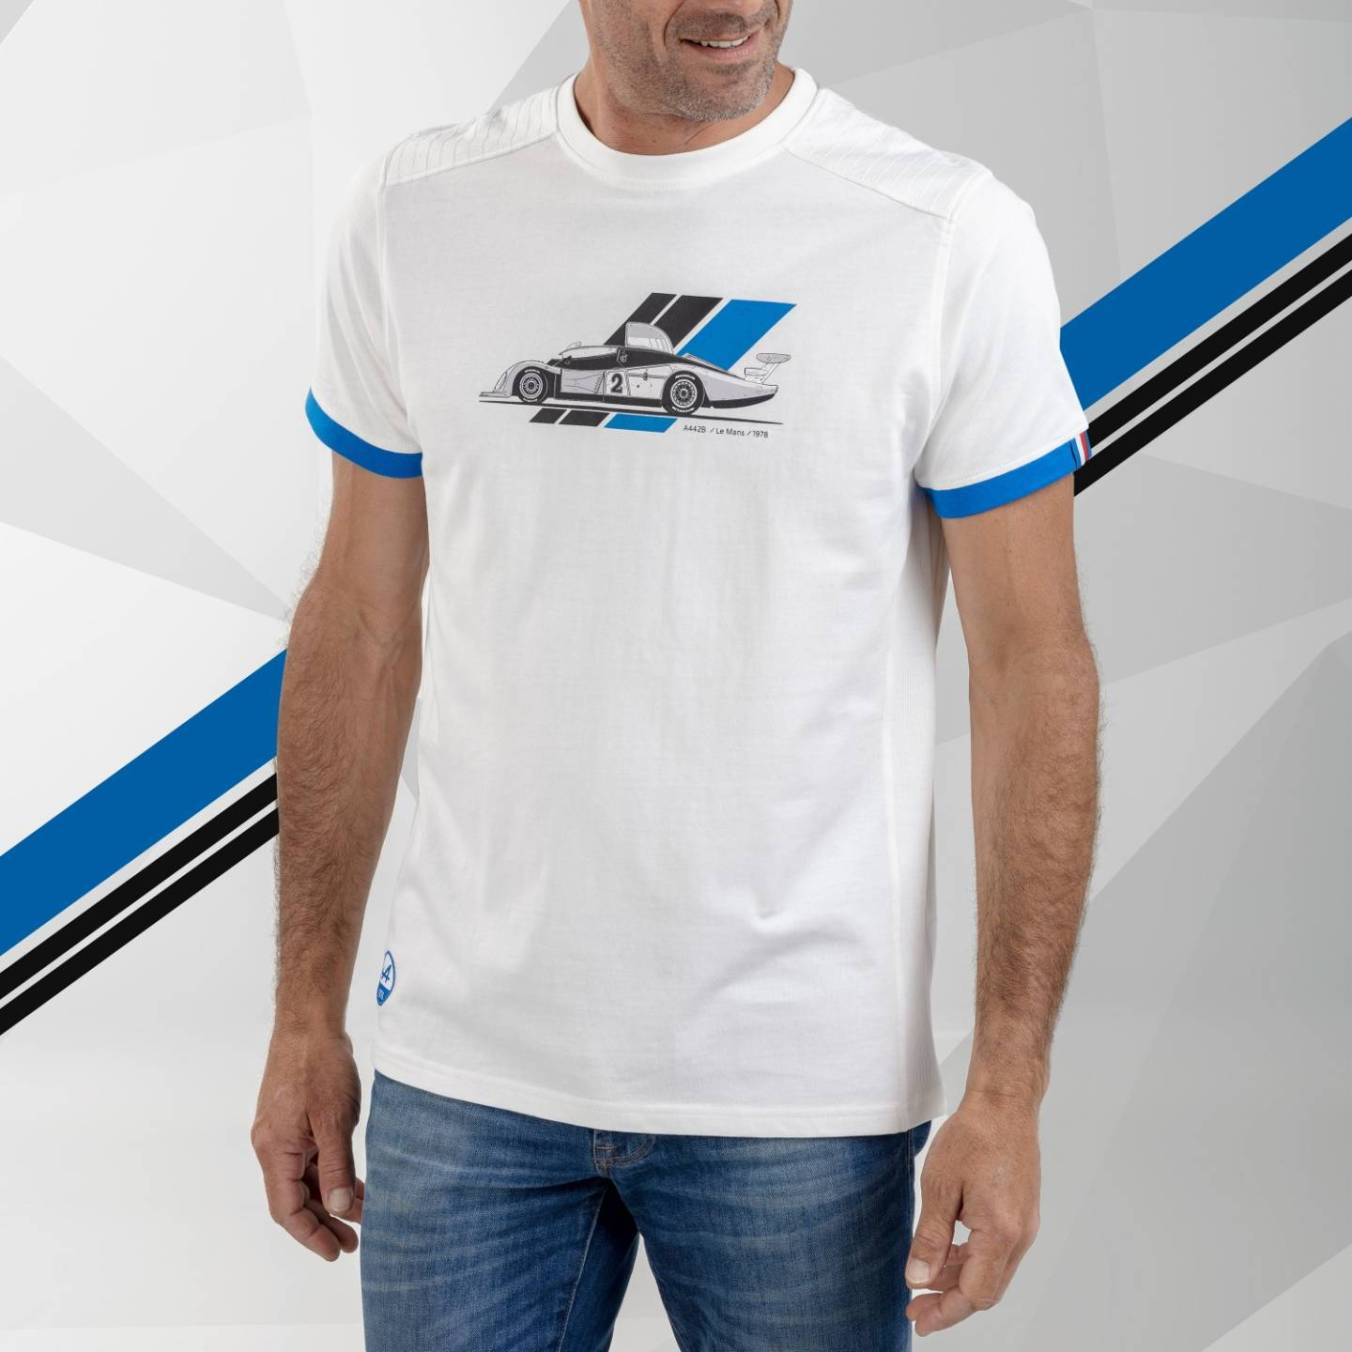 tee shirt homme blanc Alpine Collection 1978 boutique anniversaire 40 ans 24 heures du mans